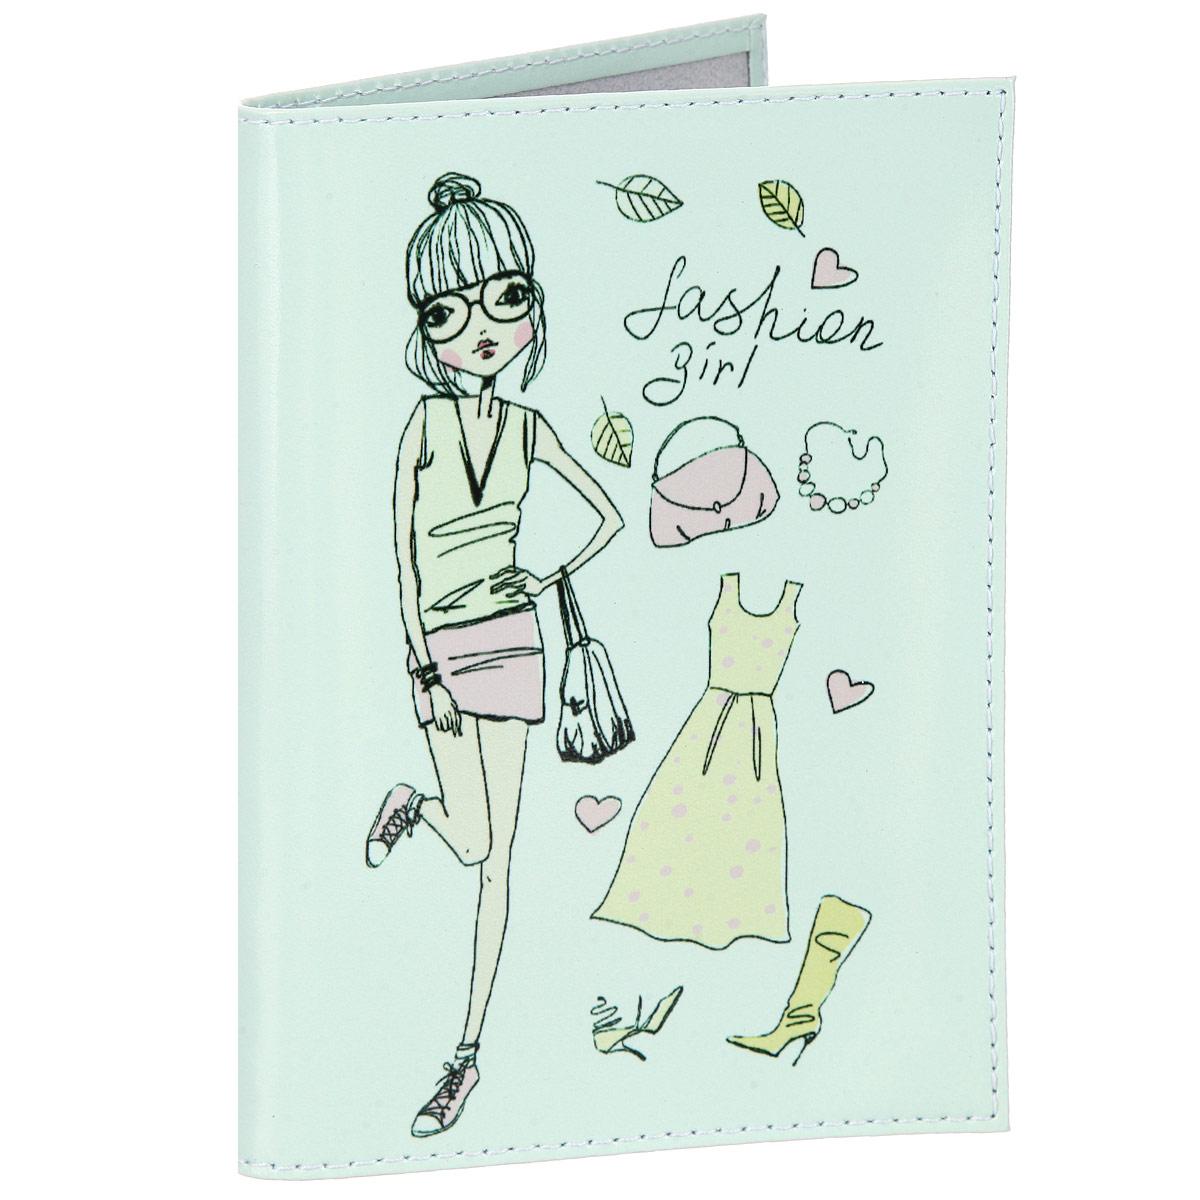 Обложка для паспорта Befler Fashion girl, цвет: ментоловый. BEFLER O.1.-1.FG2O.1.-1.FG2 ментолСтильная обложка для паспорта Befler Fashion girl выполнена из натуральной гладкой кожи, оформлена художественной печатью с изображением кошечек. Обложка для паспорта раскладывается пополам, внутри расположены два пластиковых кармашка. Такая обложка для паспорта станет прекрасным и стильным подарком человеку, любящему оригинальные и практичные вещи.